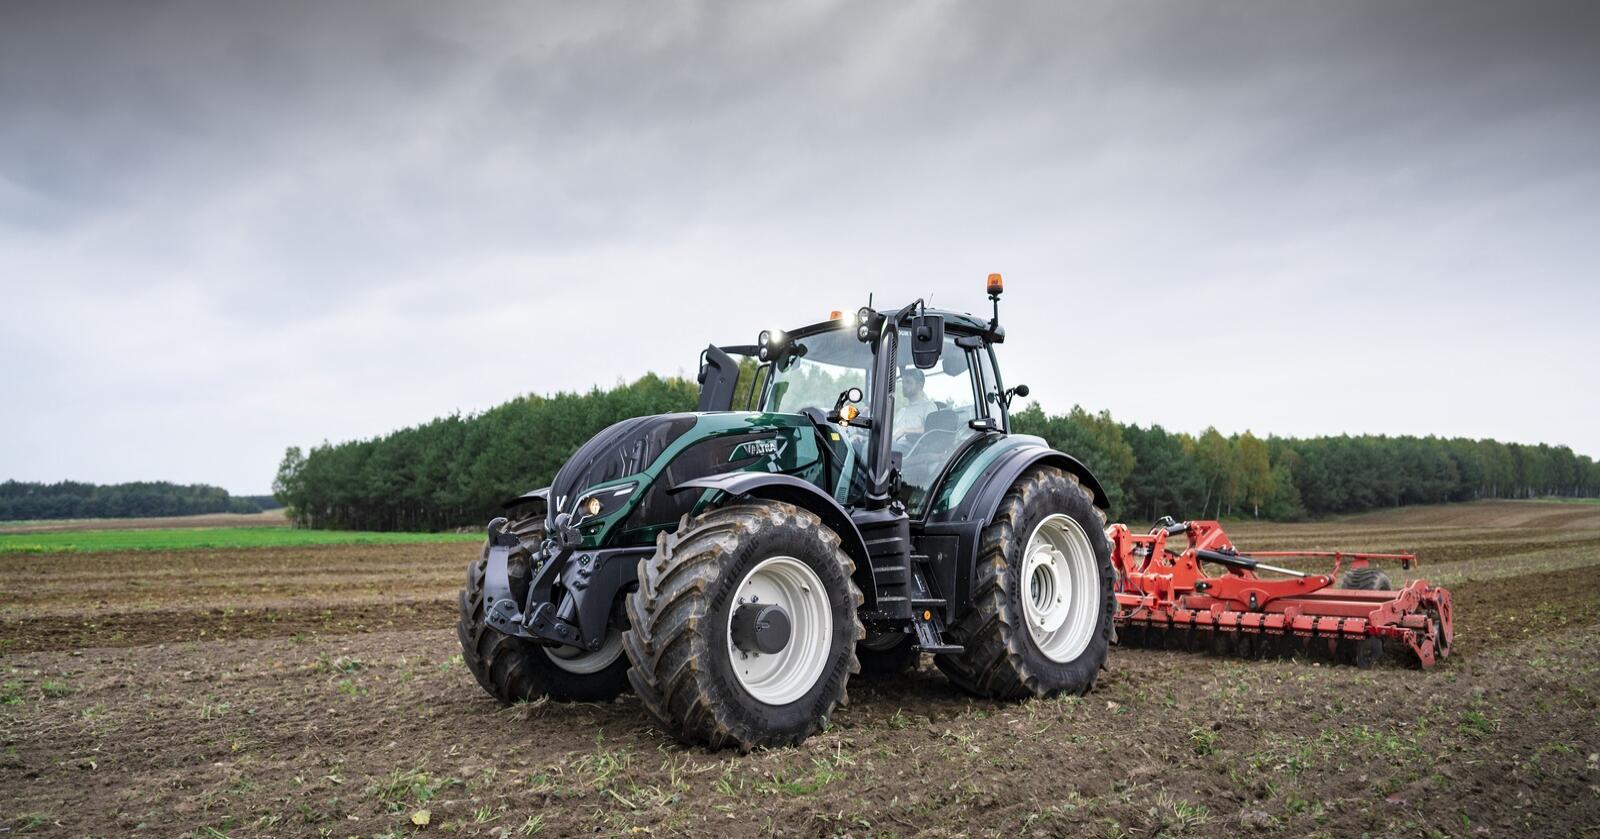 POPULÆR: Valtra har hatt et særs godt grep om traktorer i effektklassen 170-199 hestekrefter. Foto: Produsenten